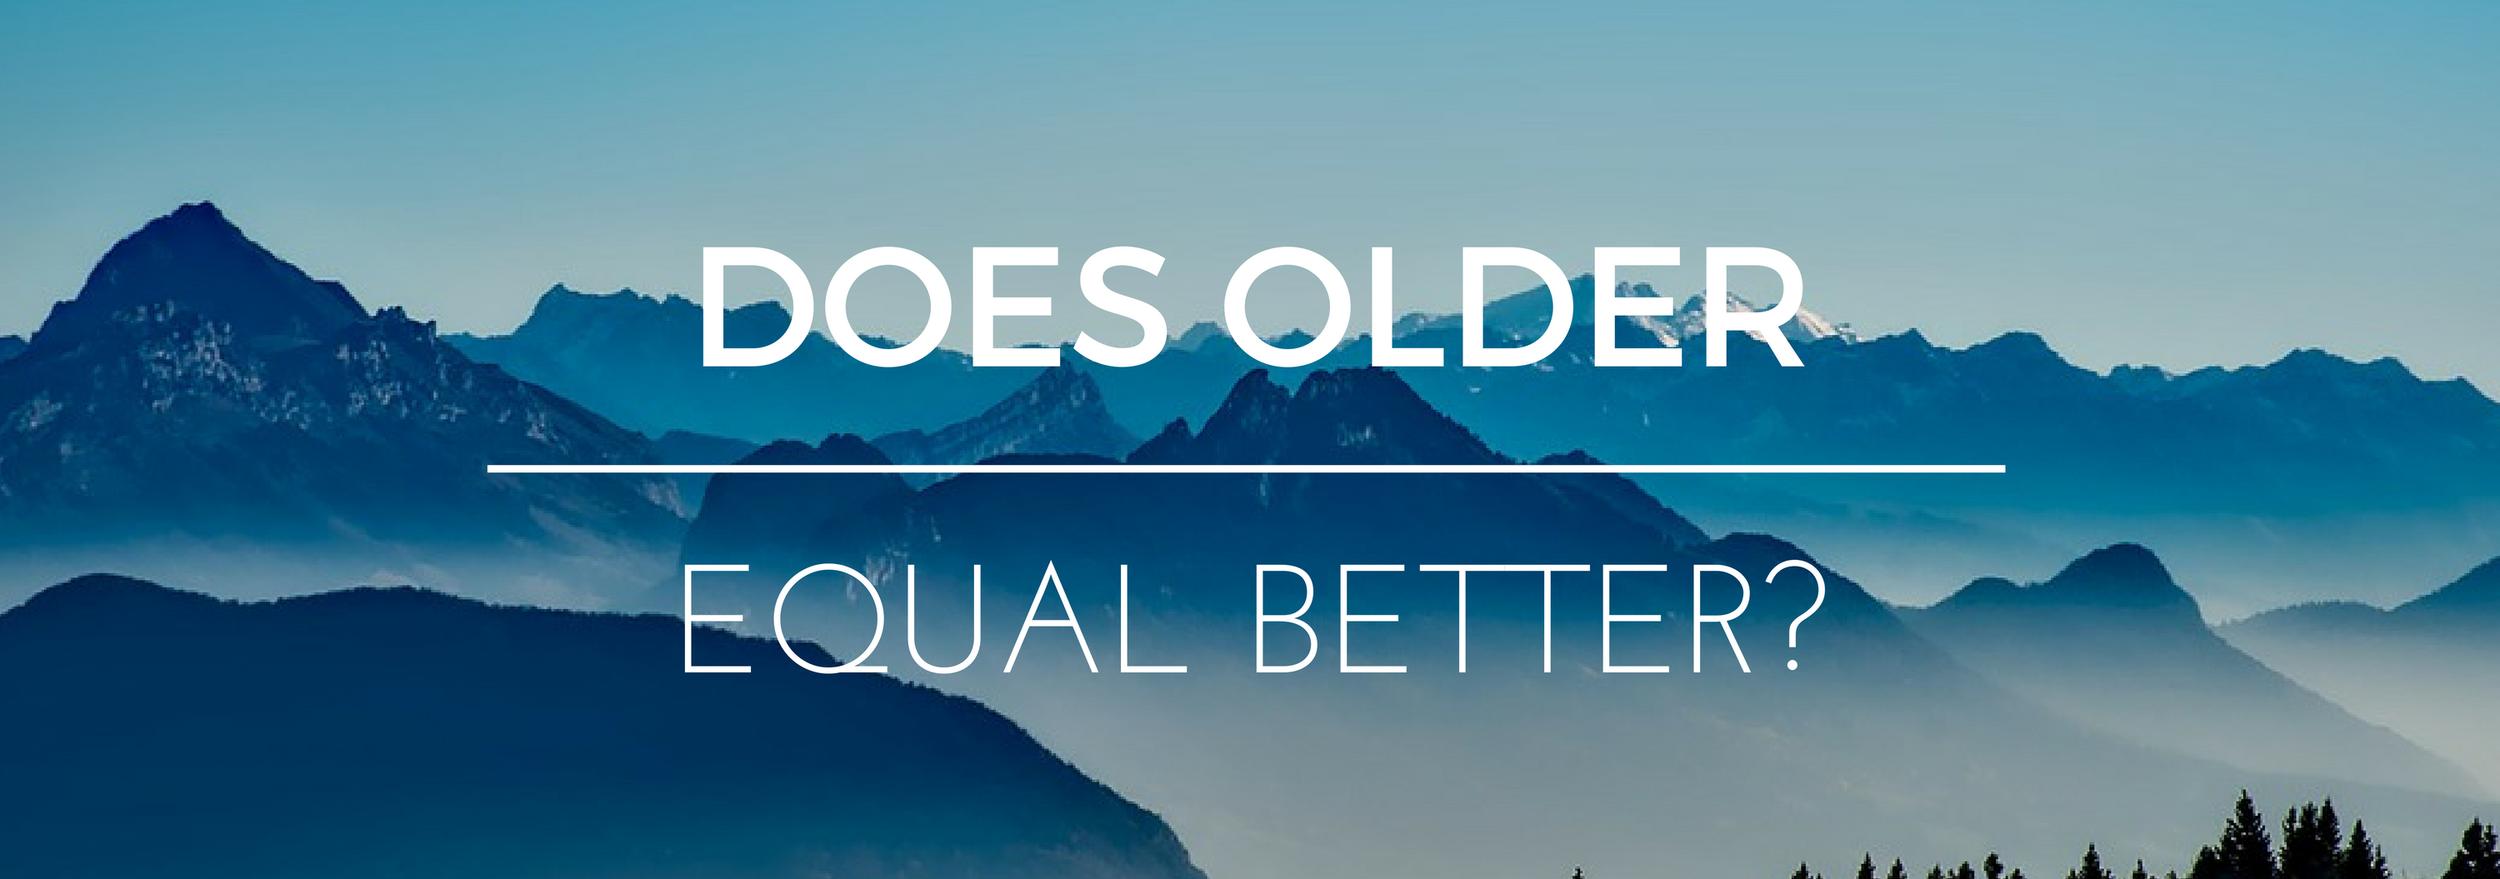 does-older-equal-better1.png